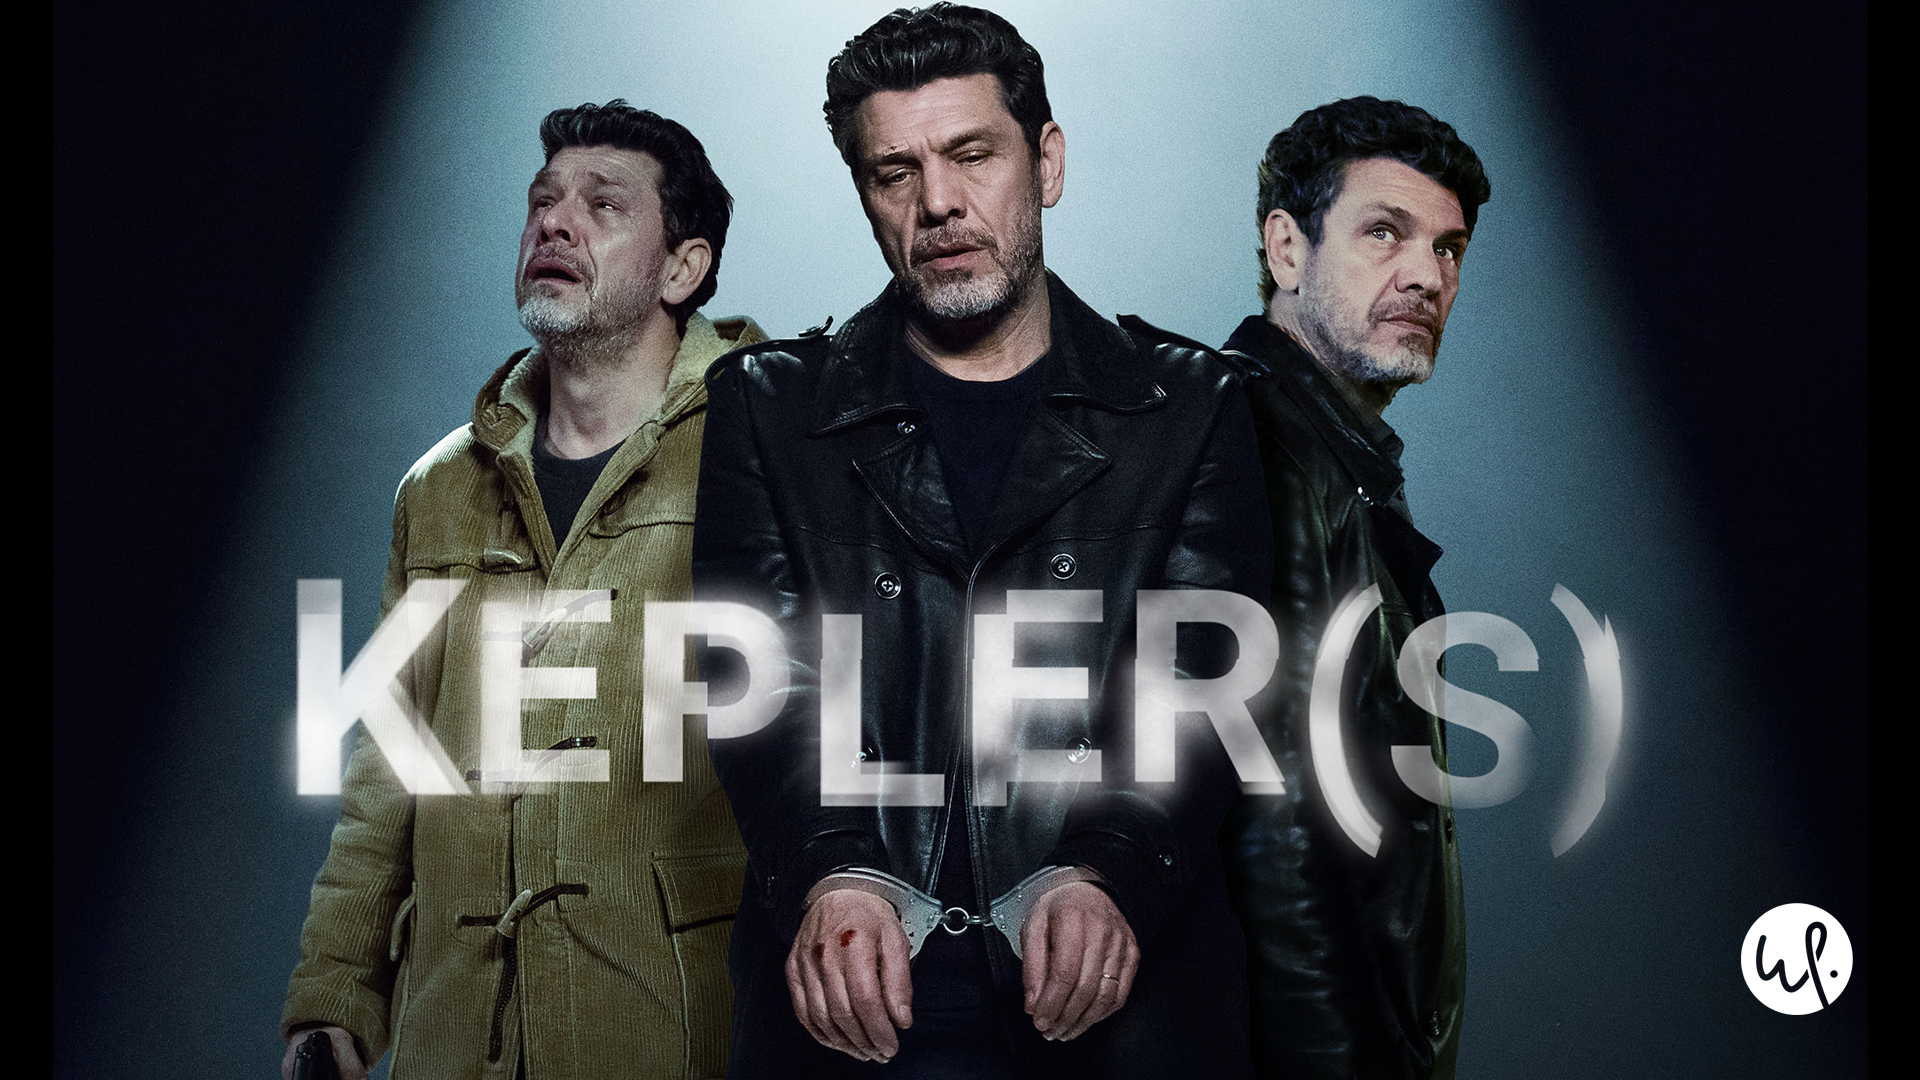 Kepler(s): Season 1